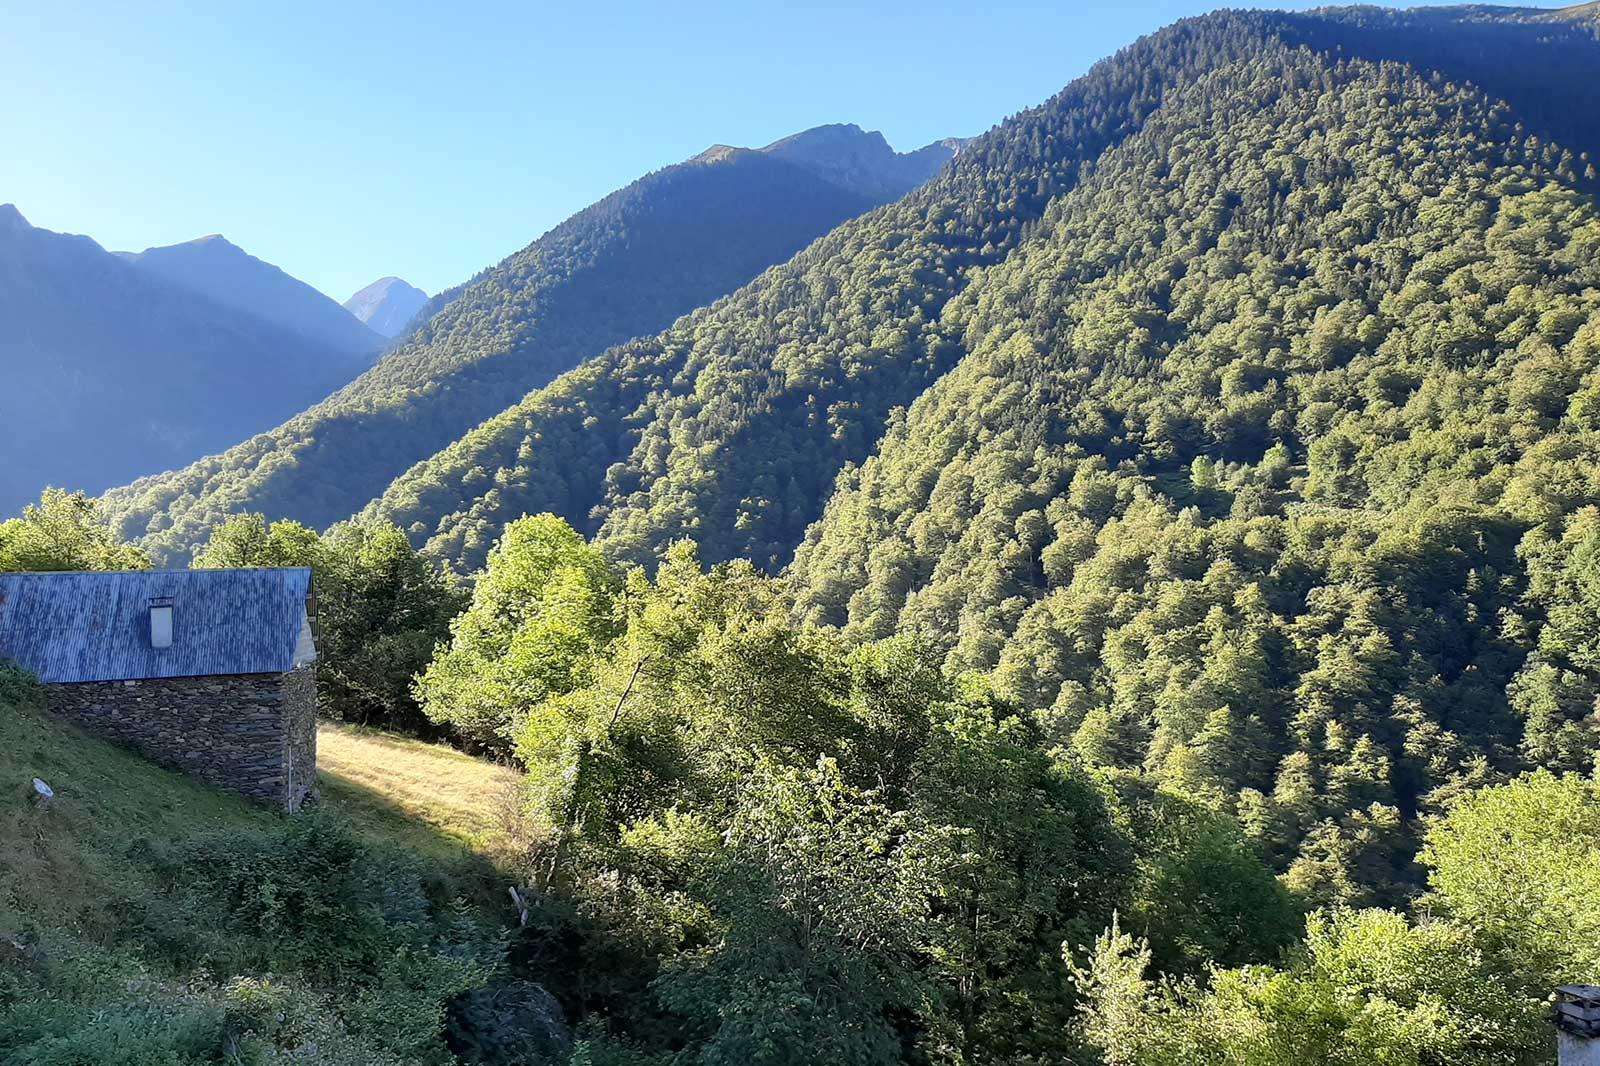 Road Trip vers les Pyrénées à travers les routes des cols et une nuit inoubliable à La Safranada